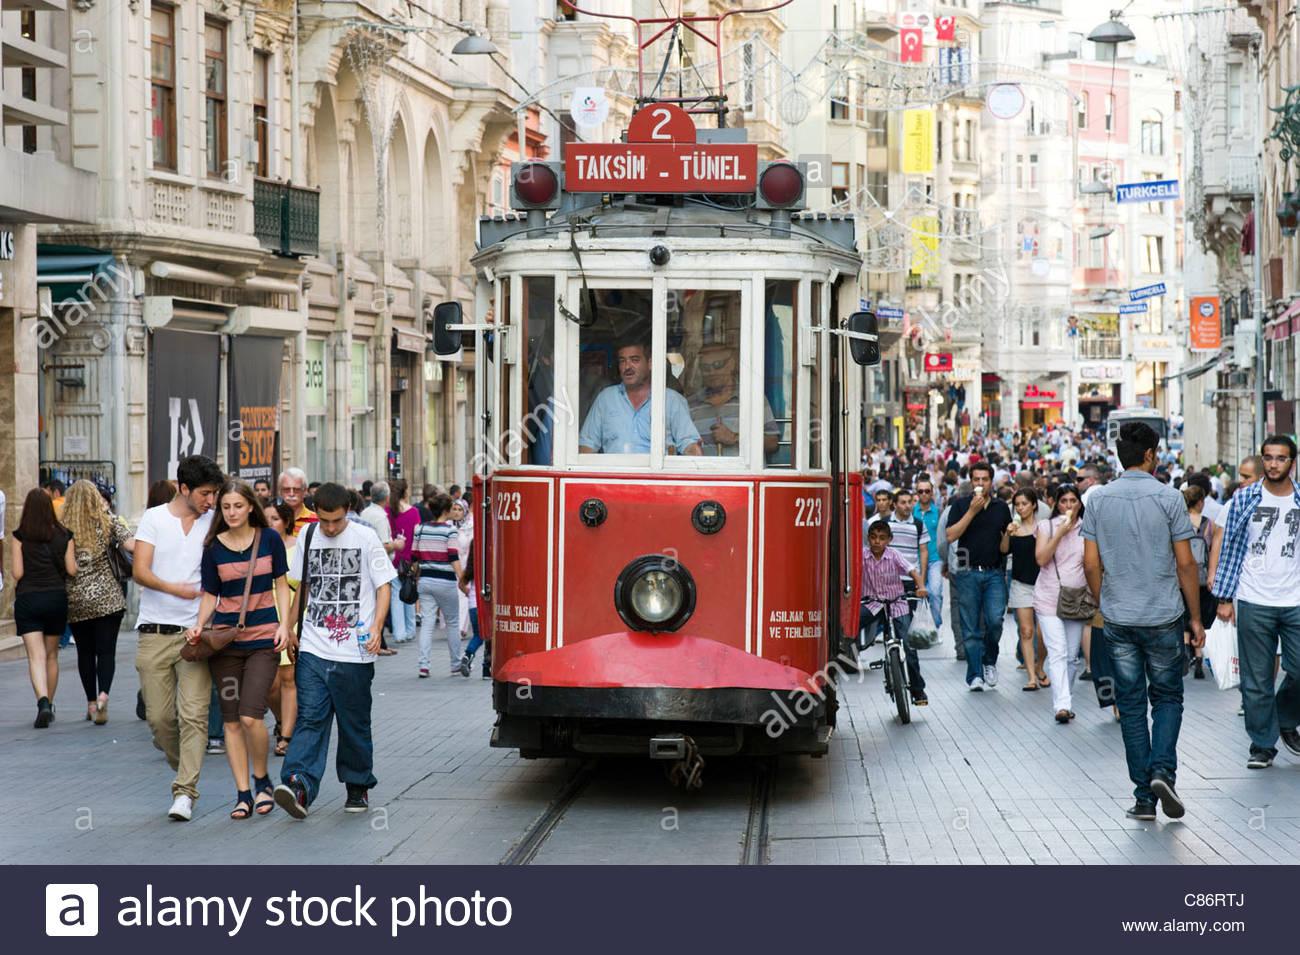 Antiguo tranvía rojo en la calle Istiklal Cadessi, Estambul, Turquía Imagen De Stock